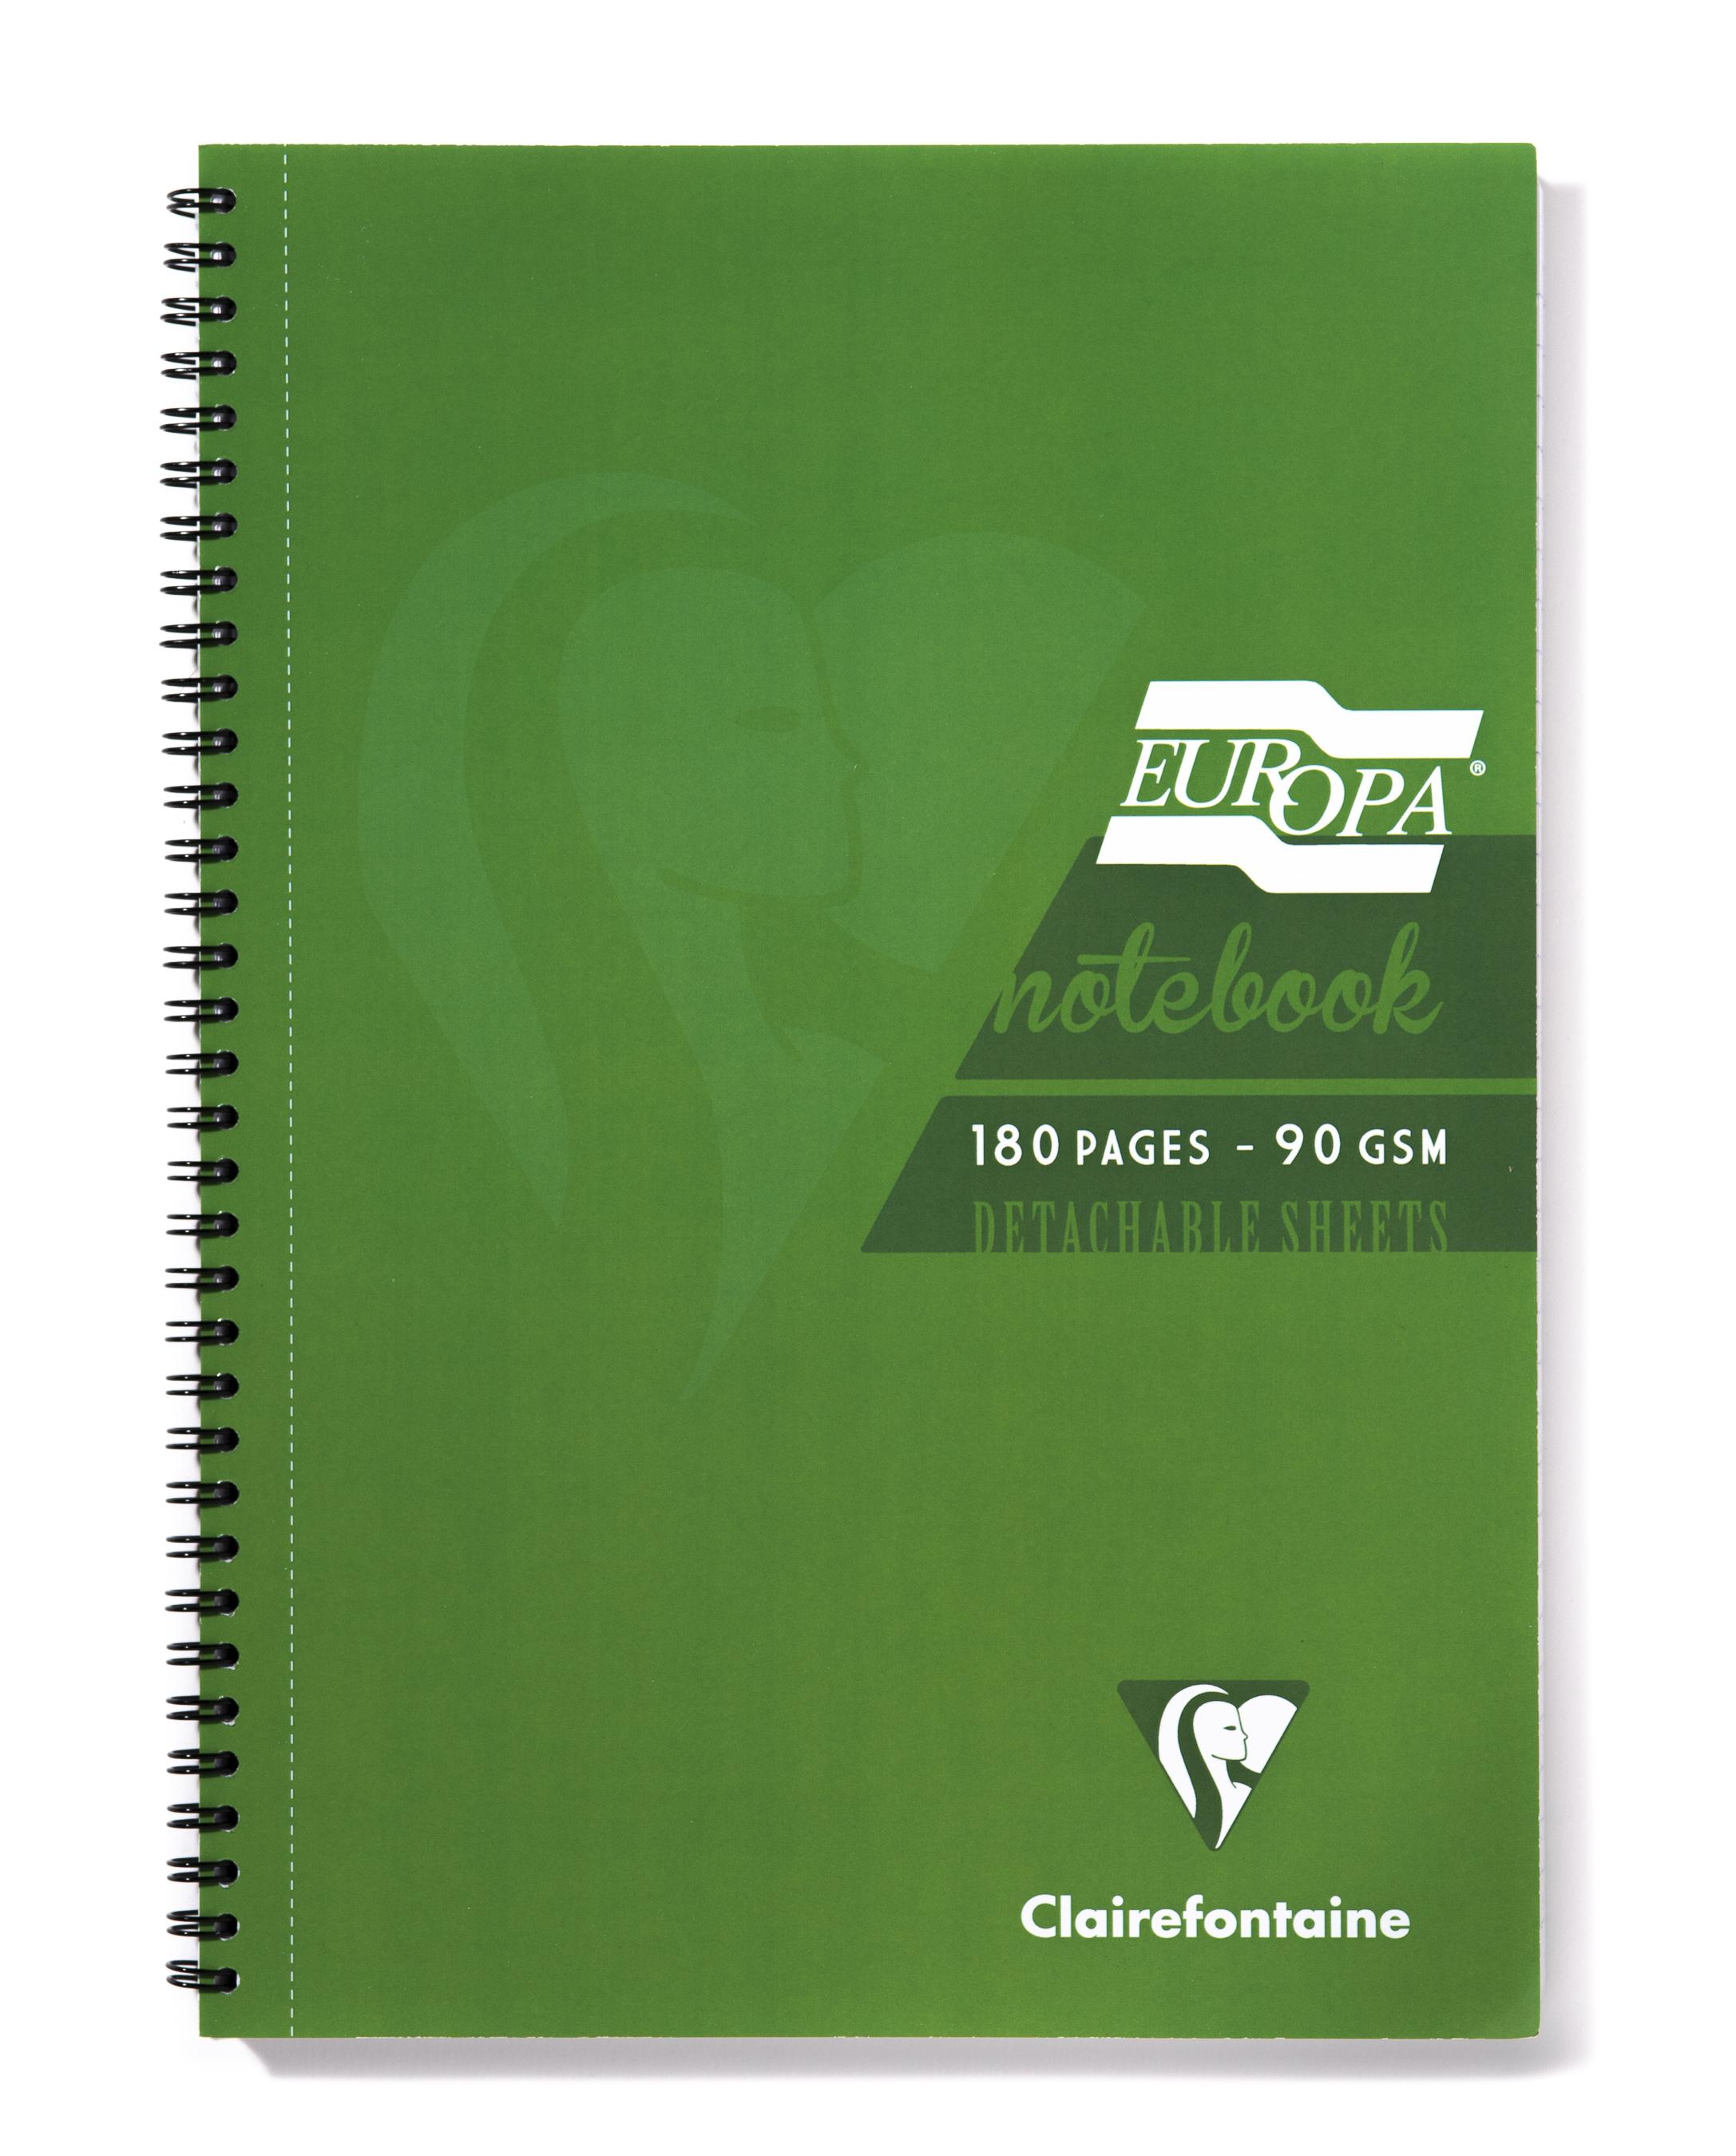 Europa A4 Sidebound Notebook Green PK5